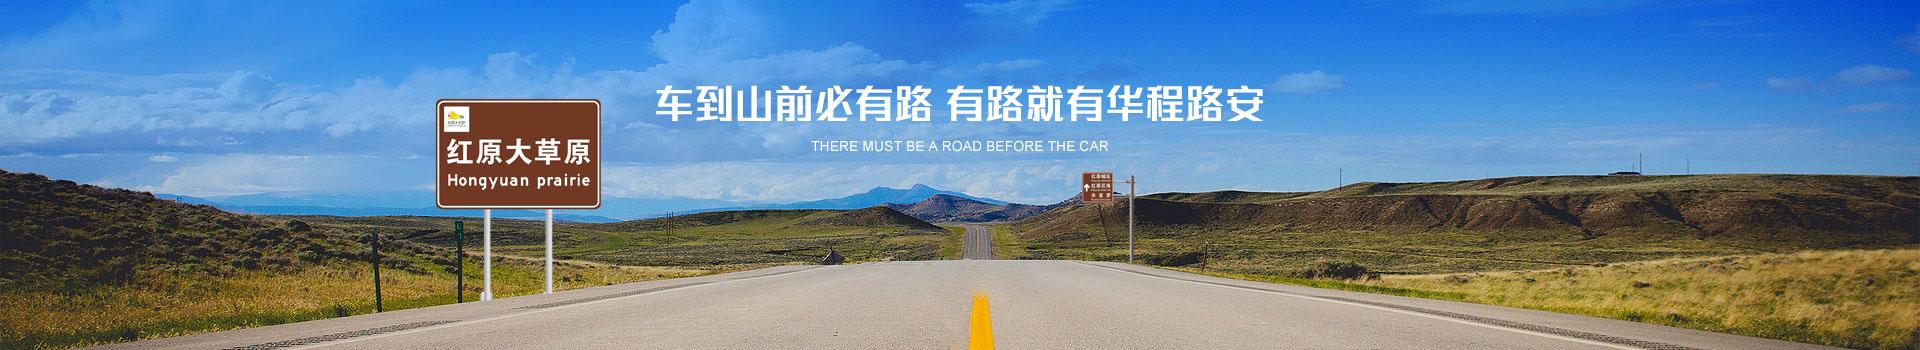 车到山前必有路,有路就有华程路安